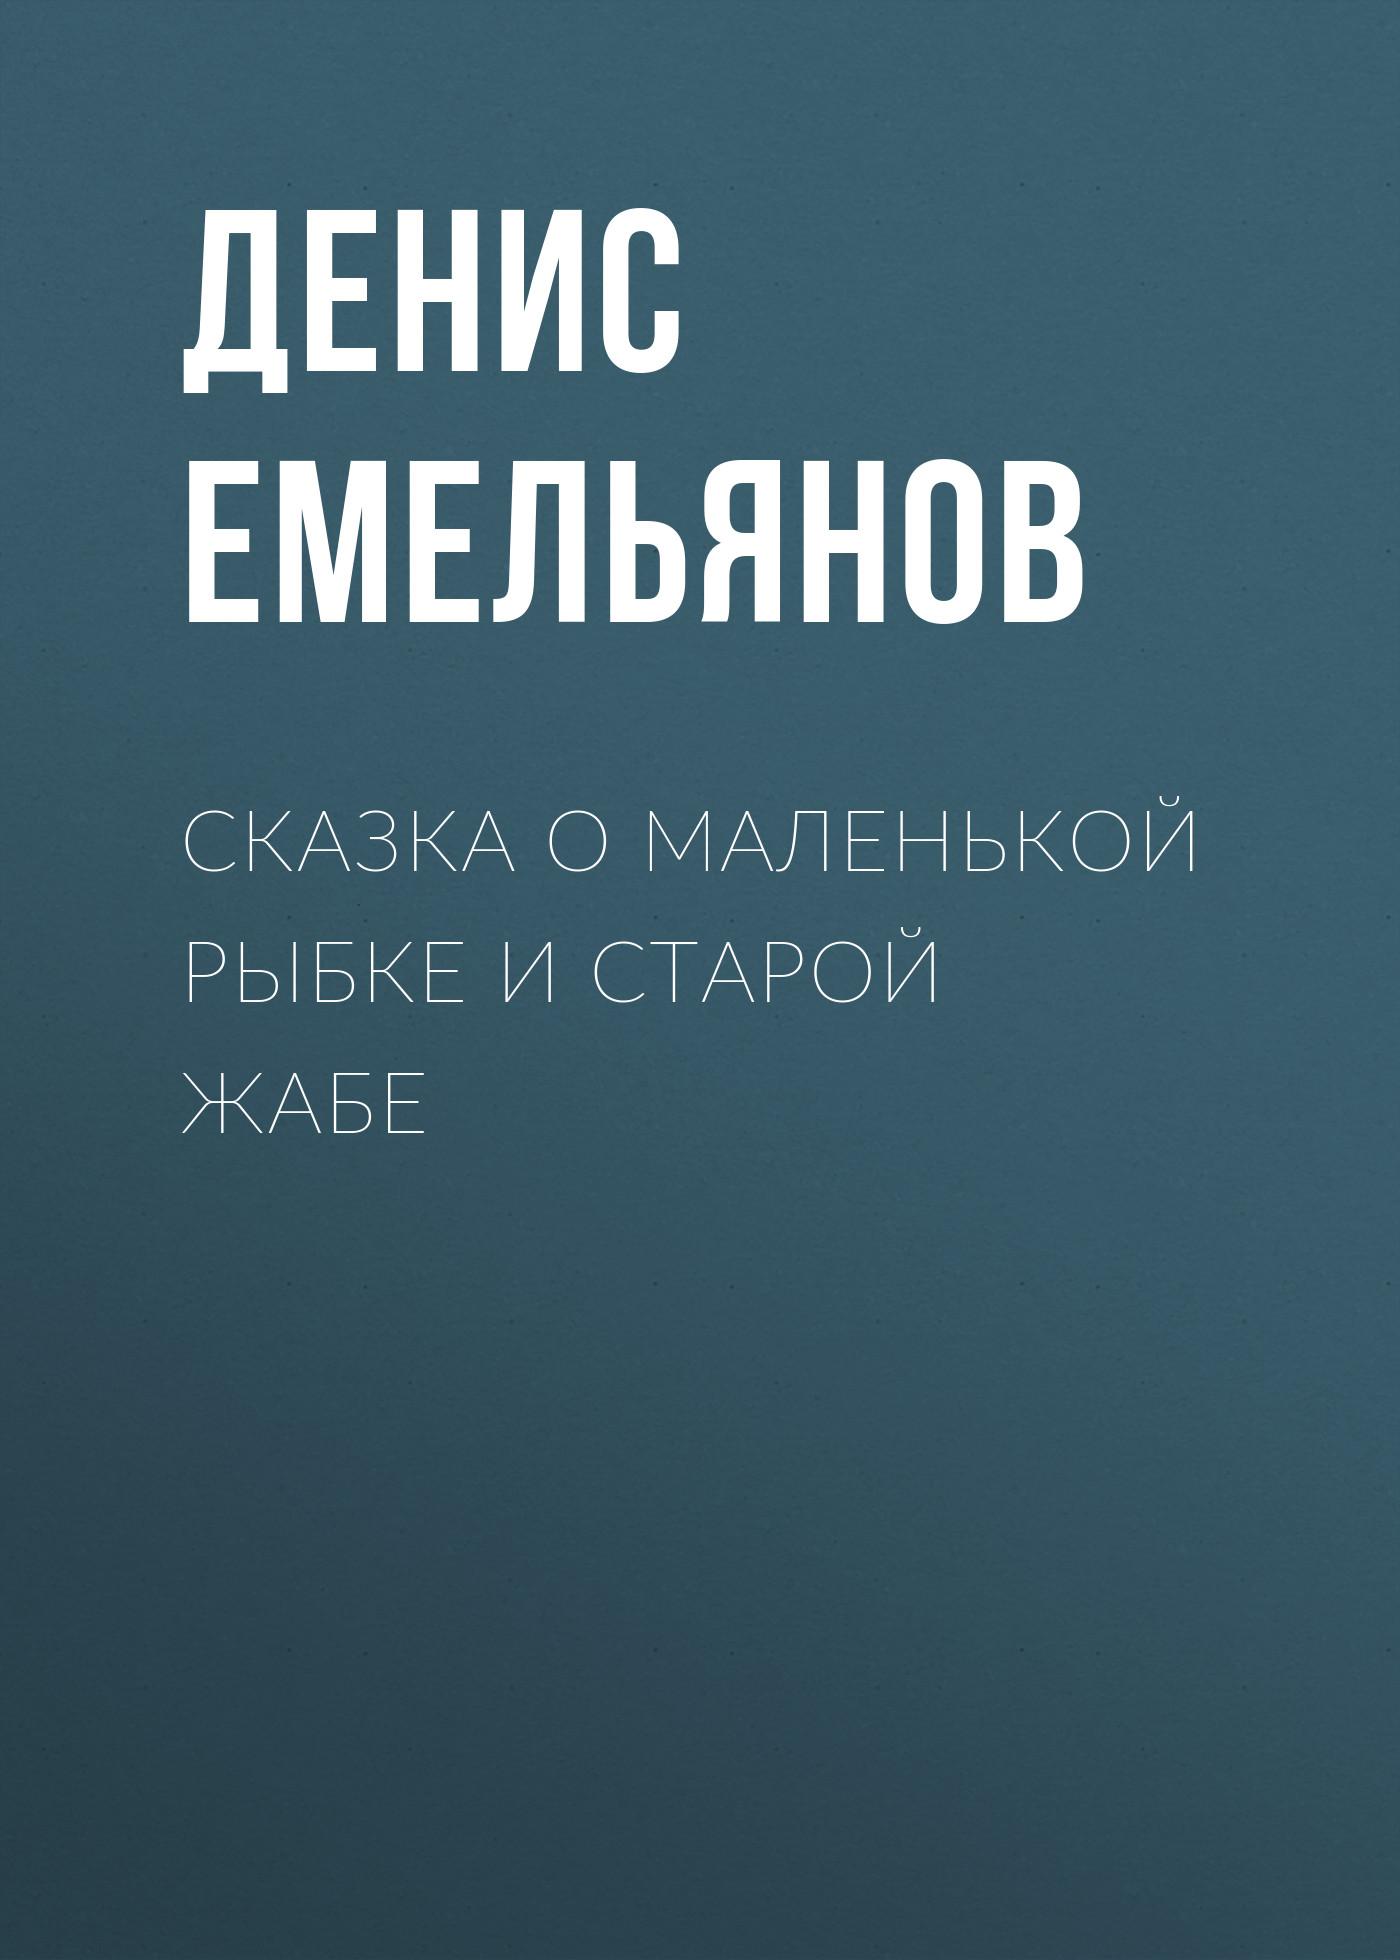 Денис Емельянов Сказка о маленькой рыбке и старой жабе денис емельянов сказка о африке и четырёх будильниках